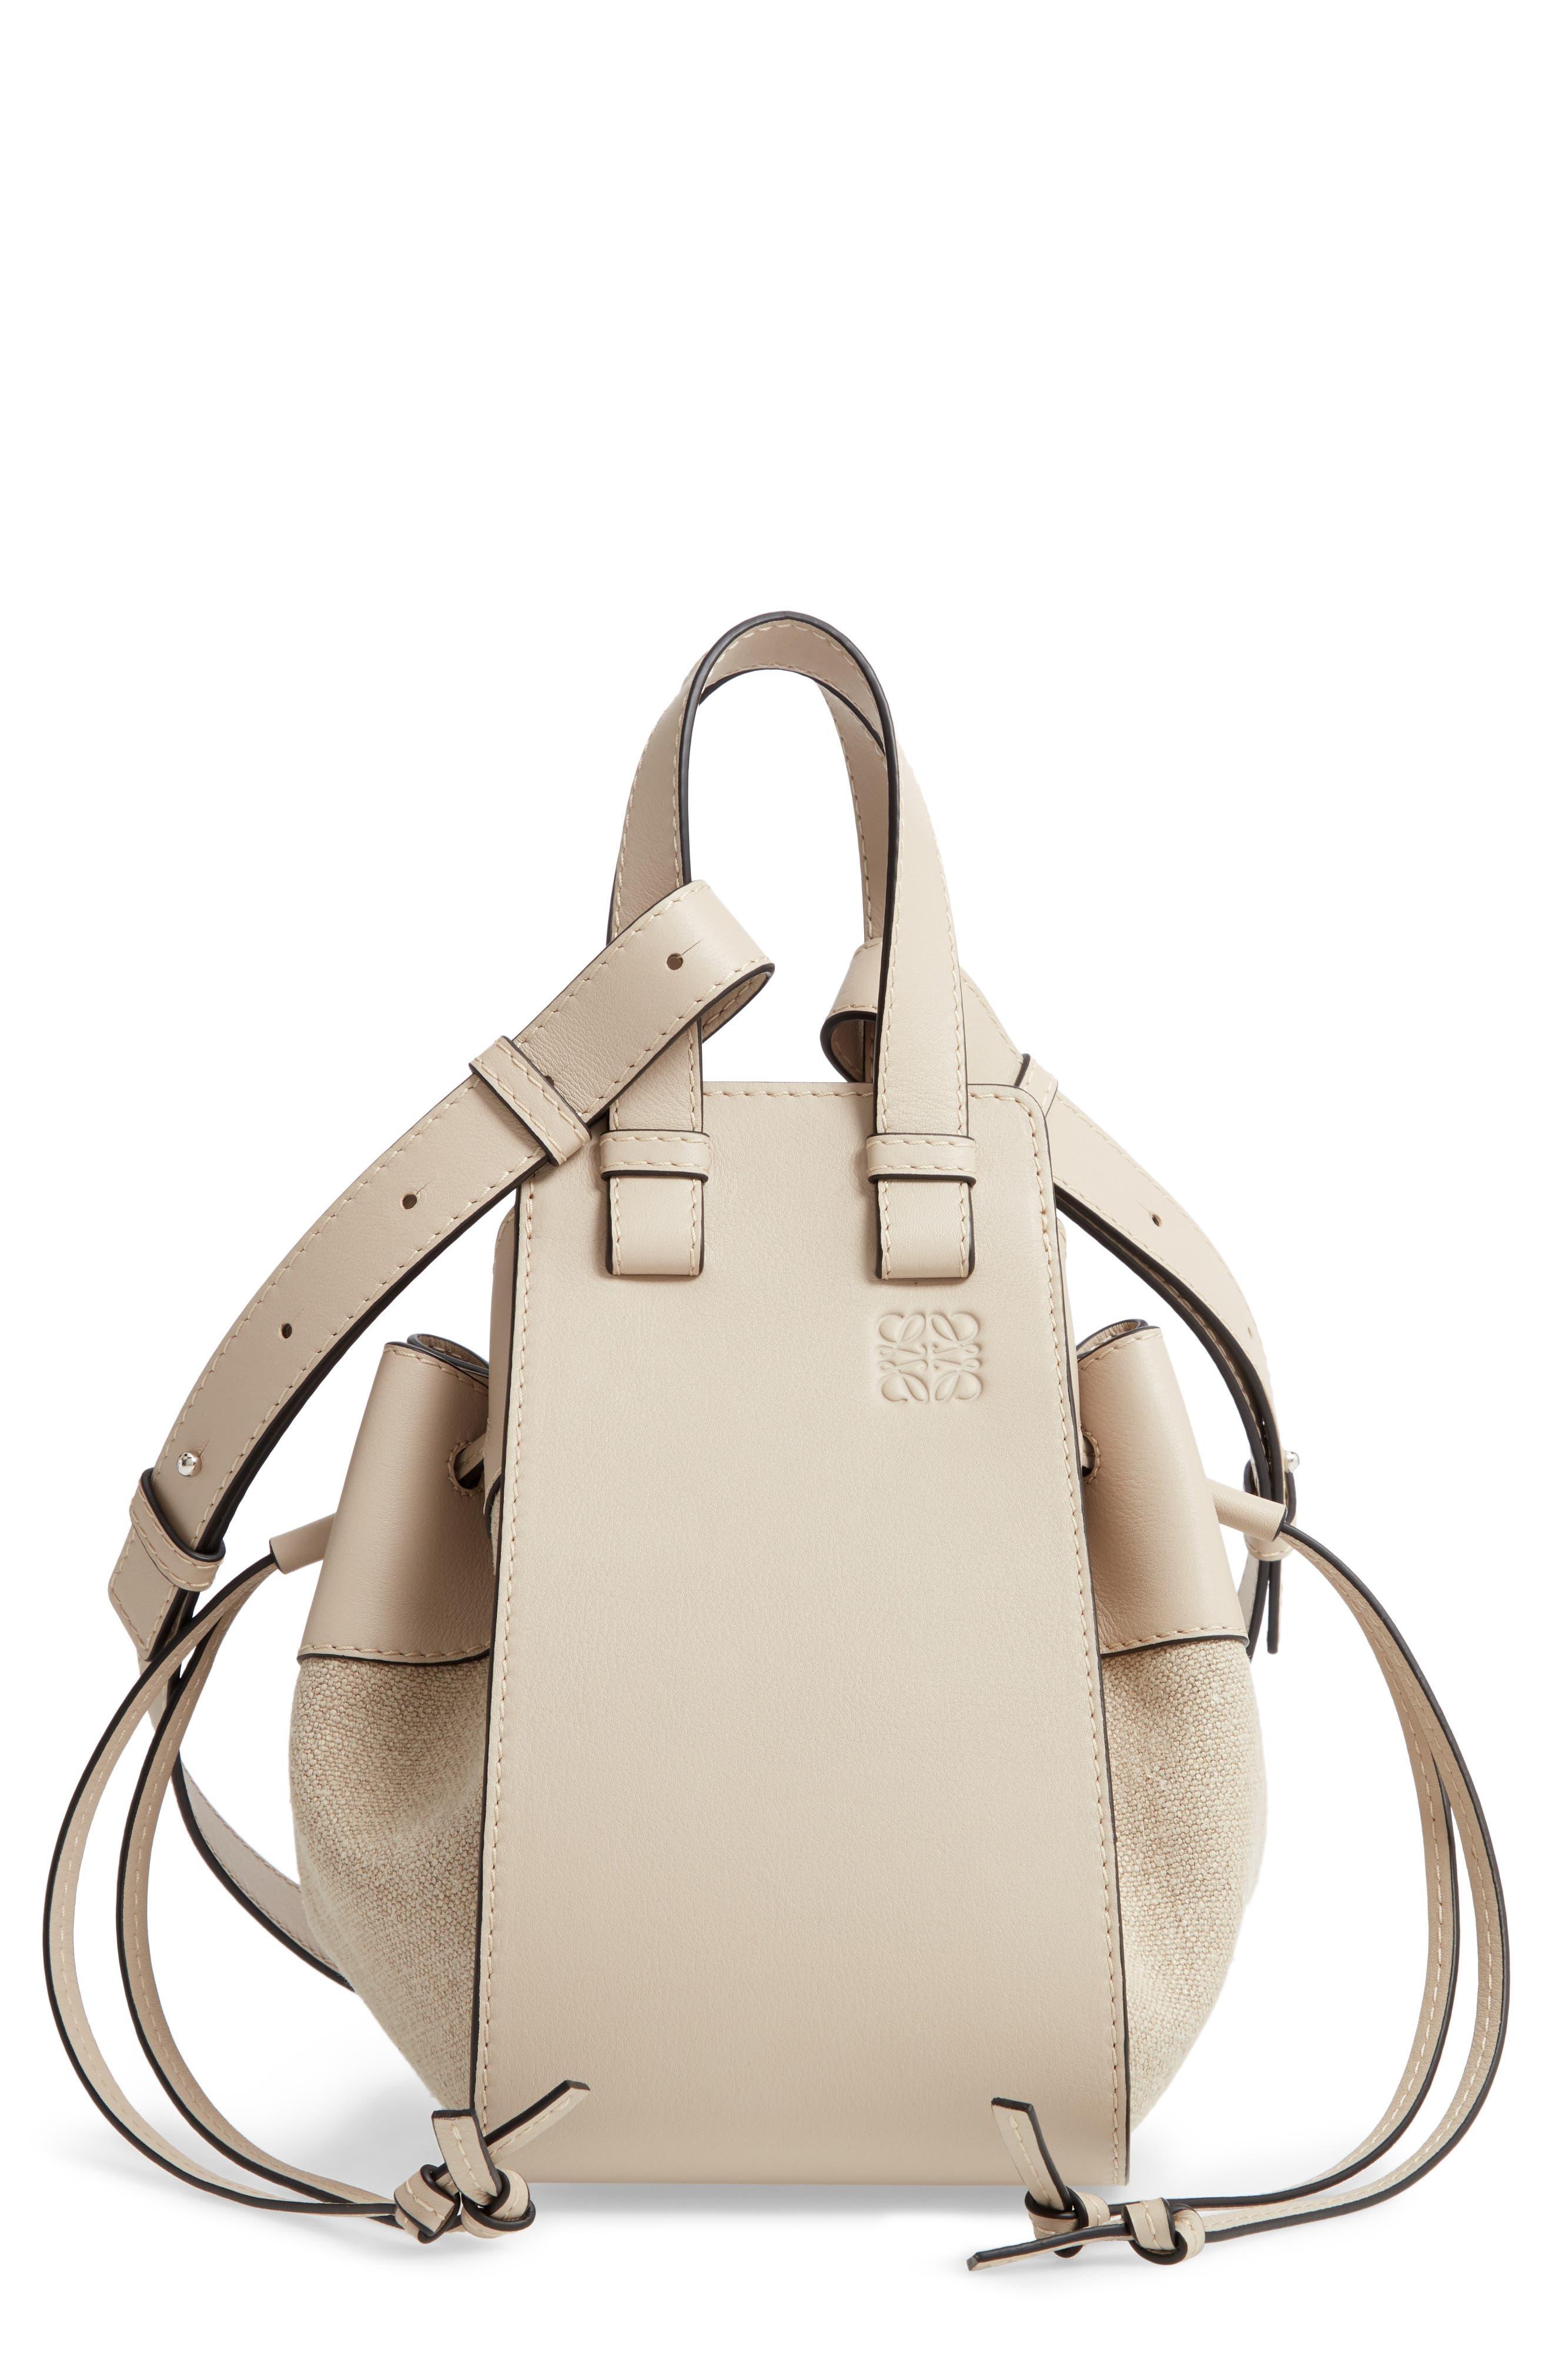 Loewe Small Hammock Leather & Linen Hobo | Nordstrom